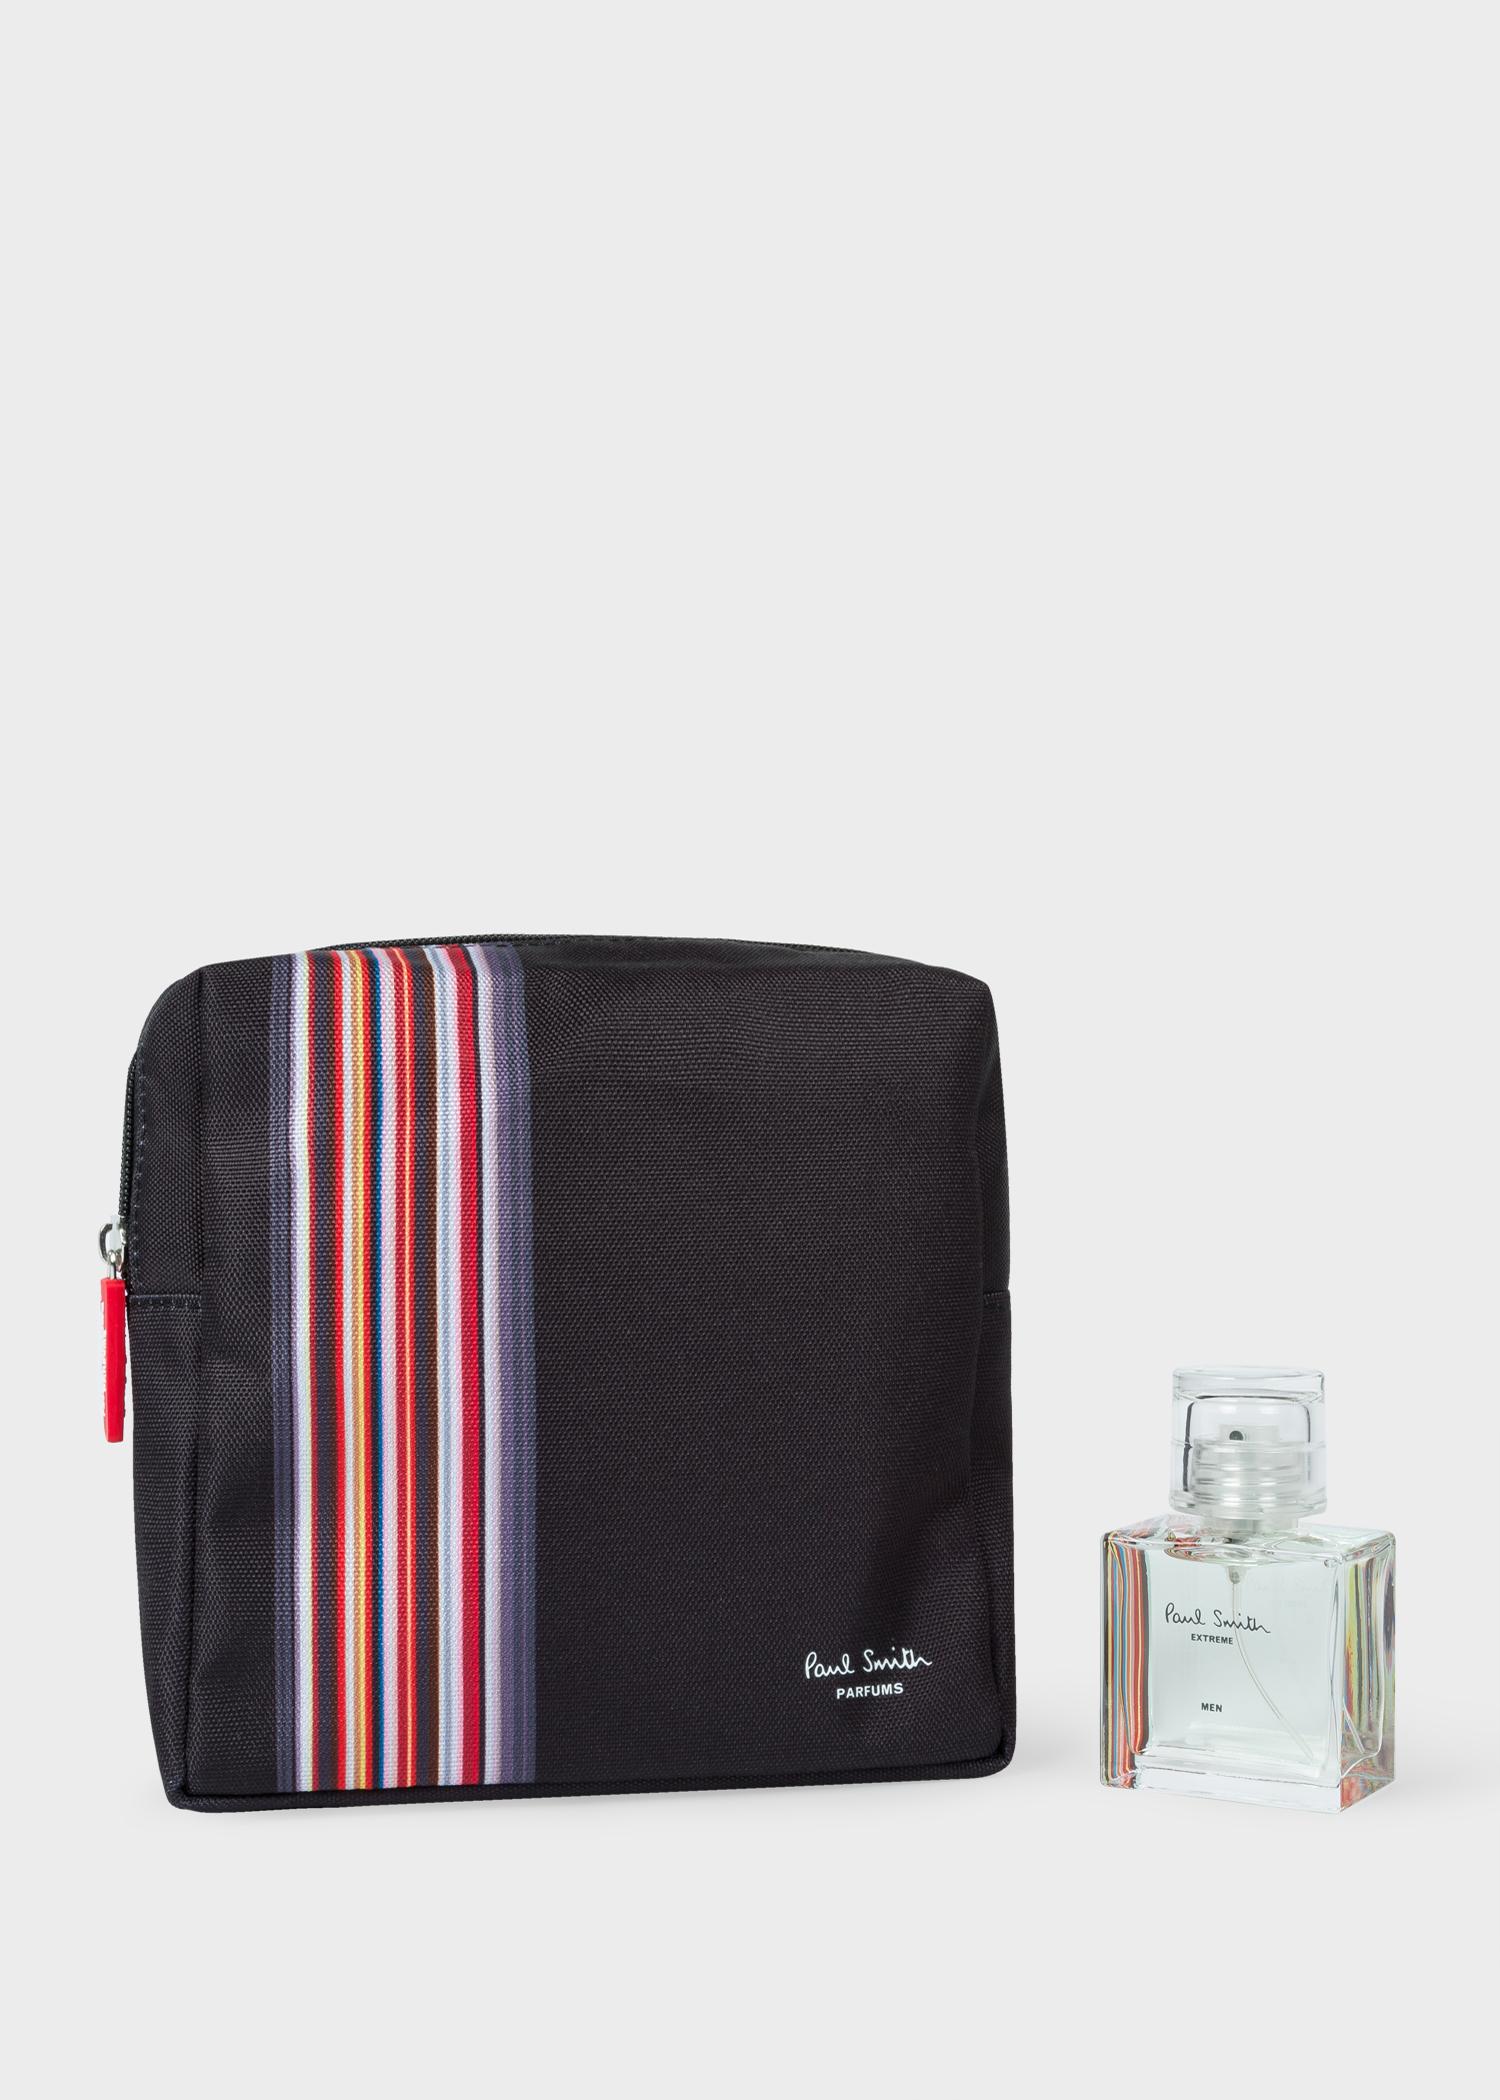 Bag 50ml With Toilette Extreme For Eau De Wash Paul Smith Men WIeYEH29D